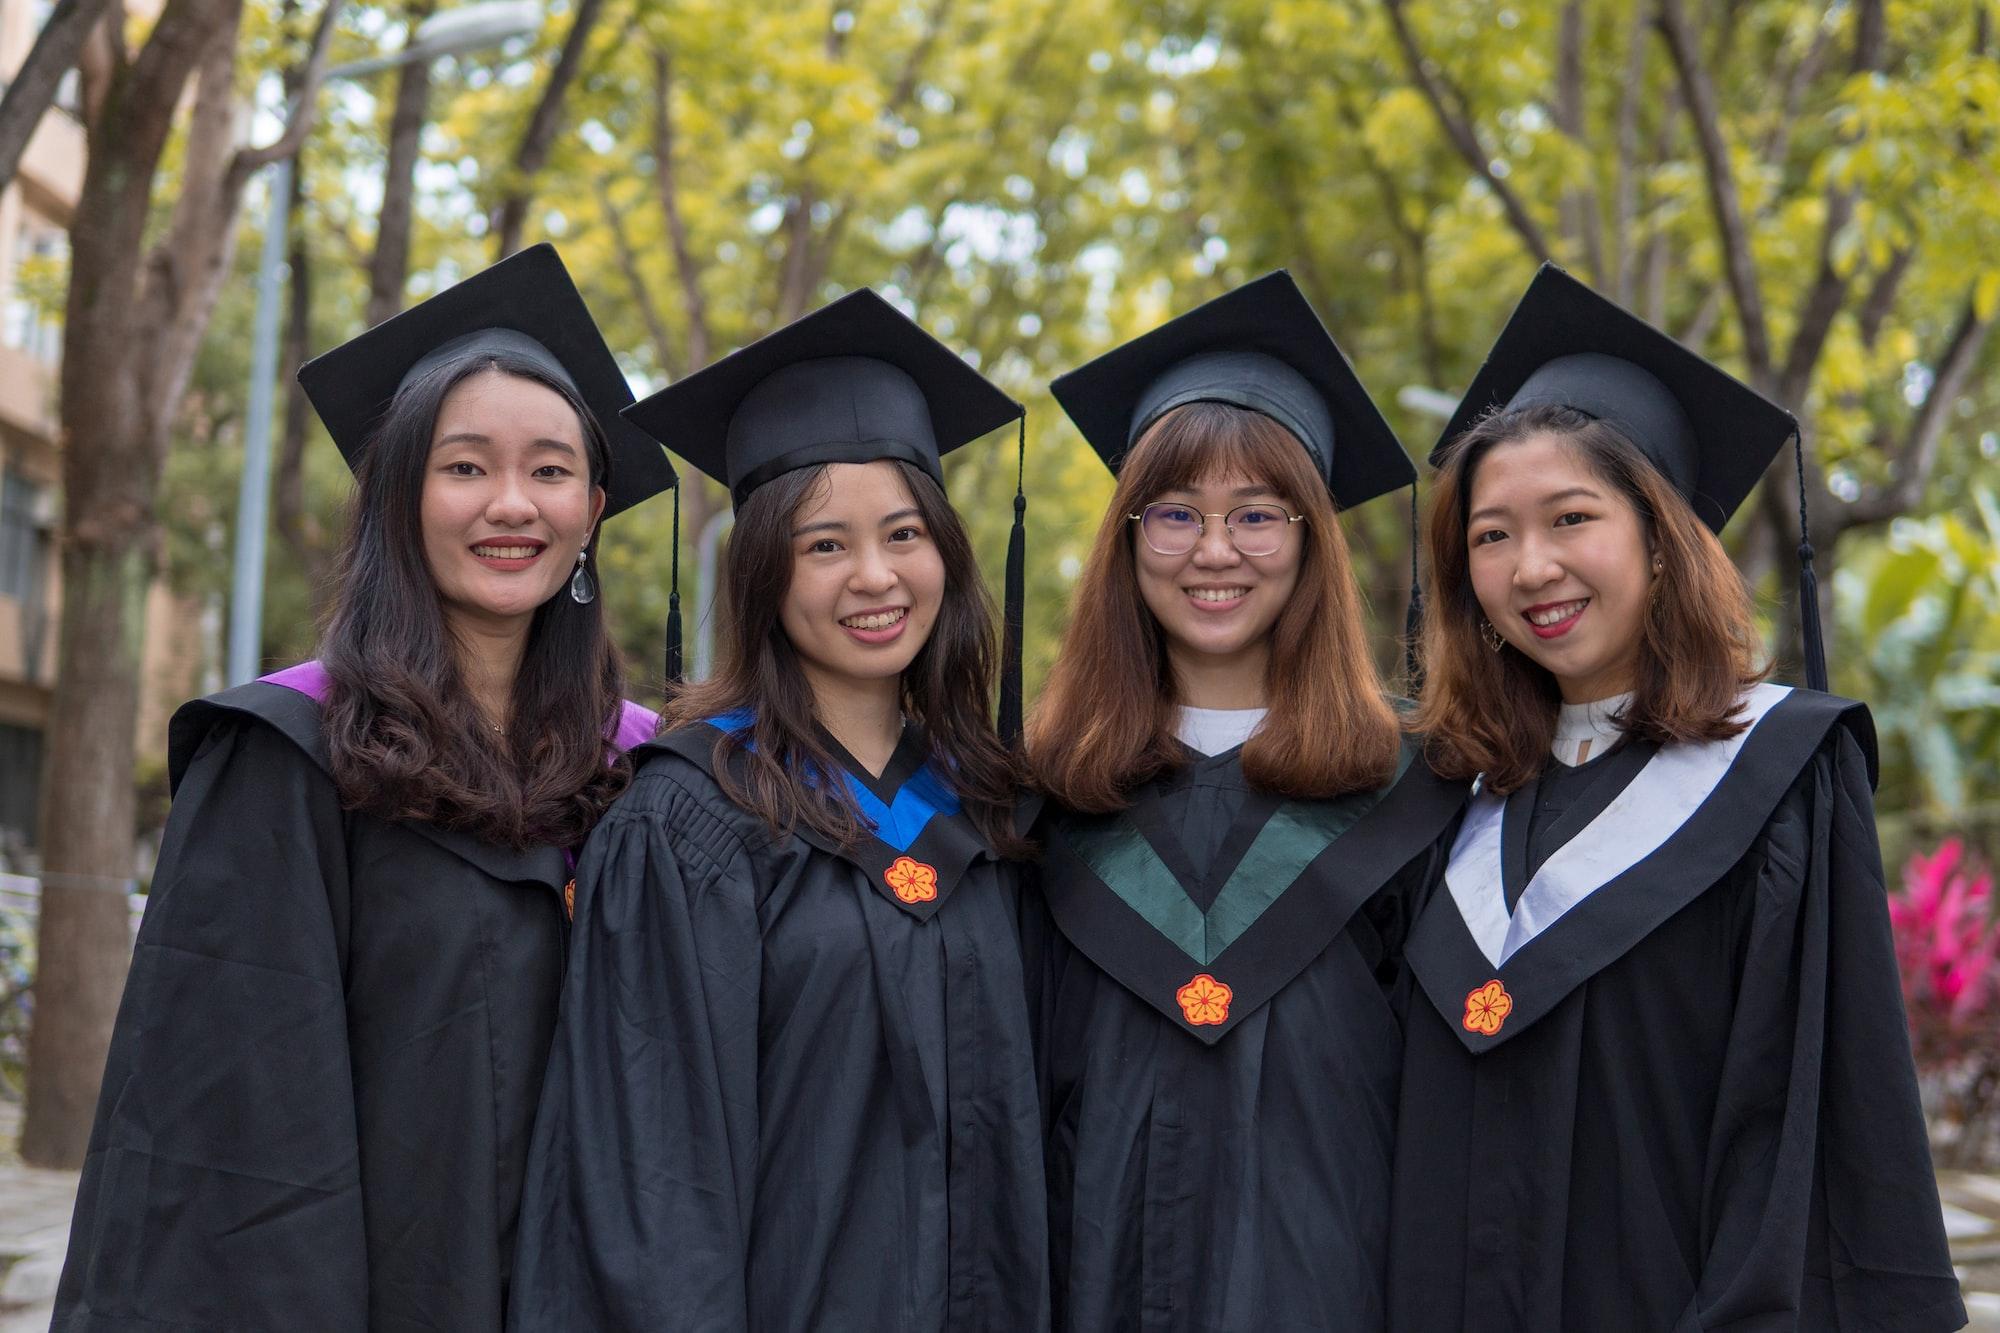 La bomboniera giusta per celebrare la laurea. Alcune idee per aiutarti